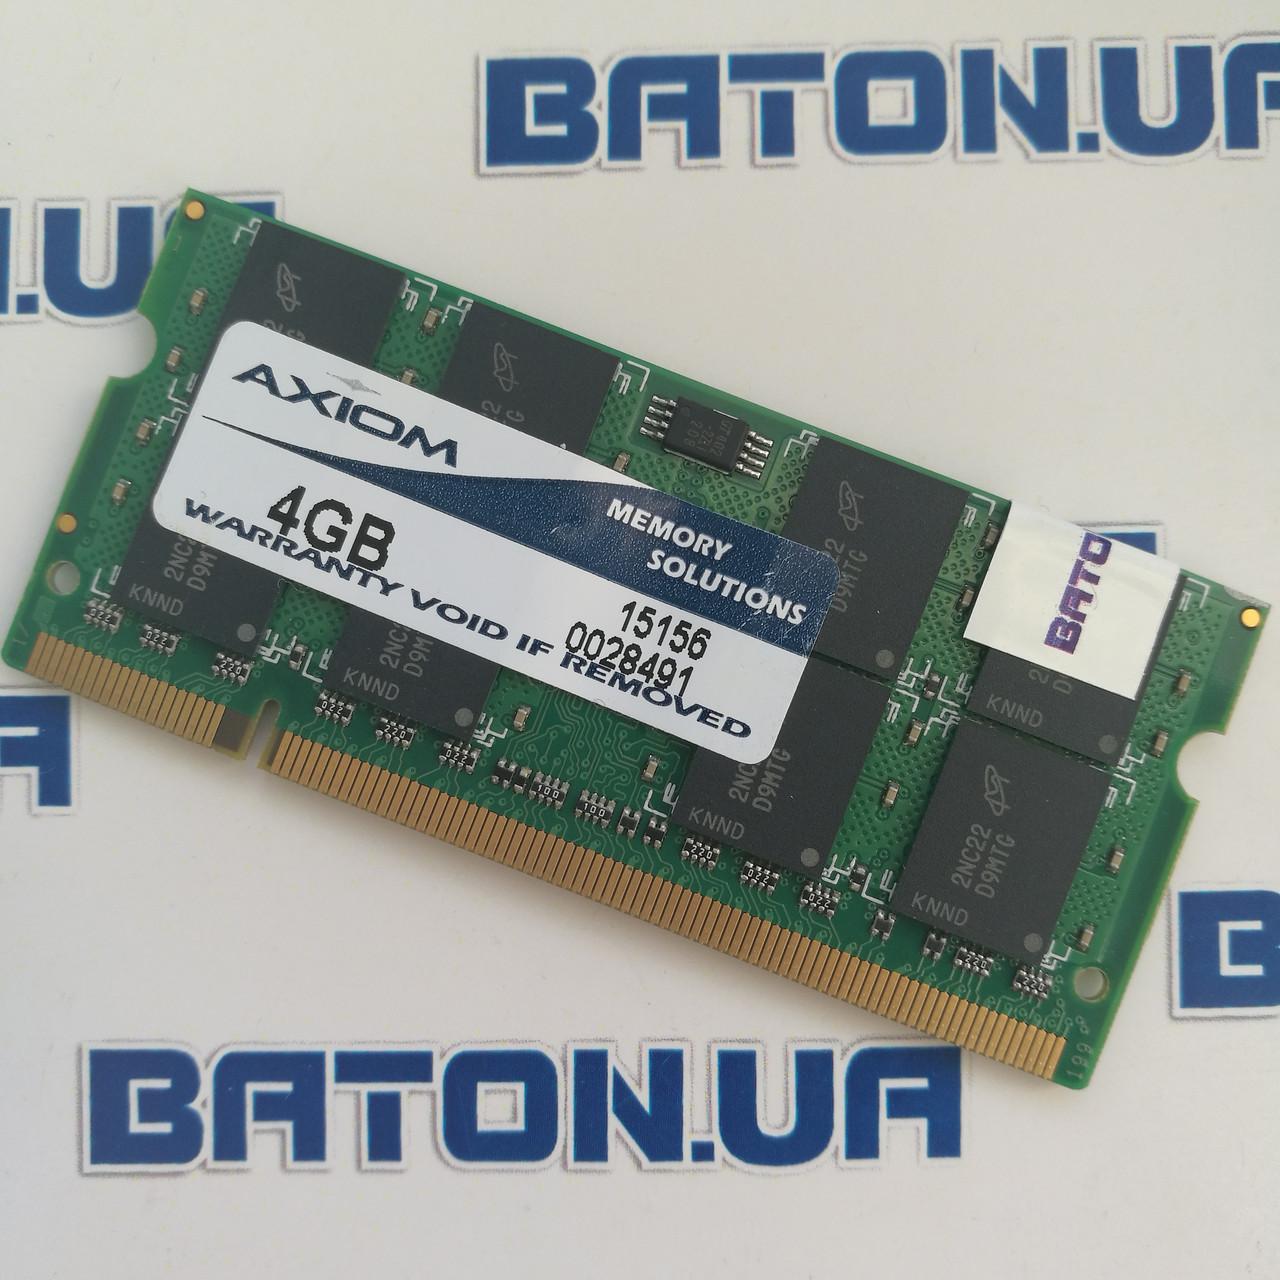 Оперативная память для ноутбука Axiom 15156 SODIMM DDR2 4Gb 800MHz 6400s CL6 (15156)